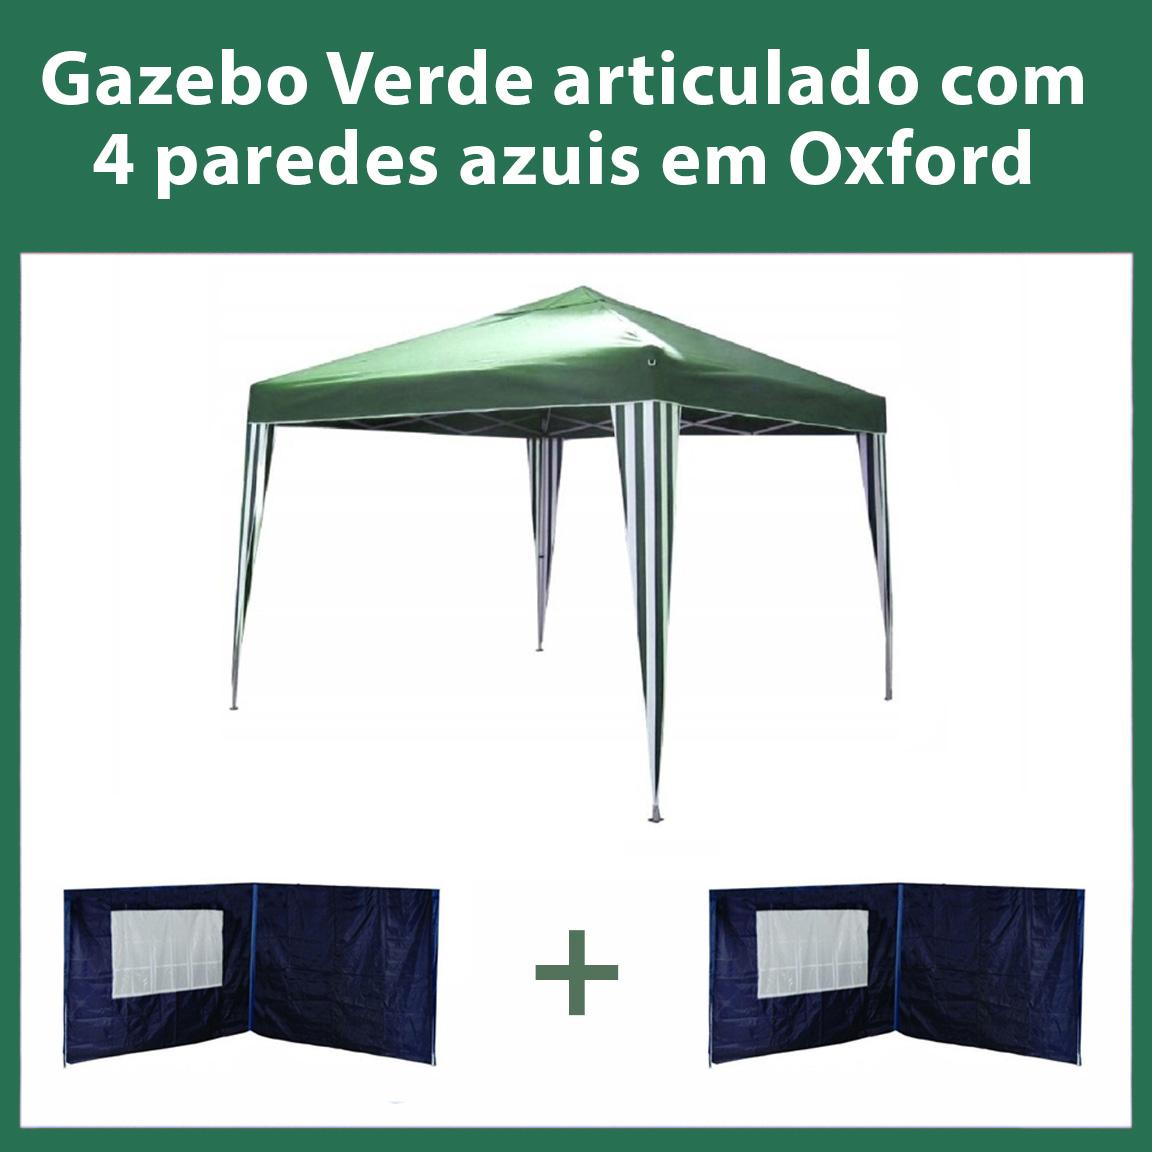 Gazebo 3x3 Articulado Verde em Aço + 4 Paredes Azuis de Oxford Eleva Mundi